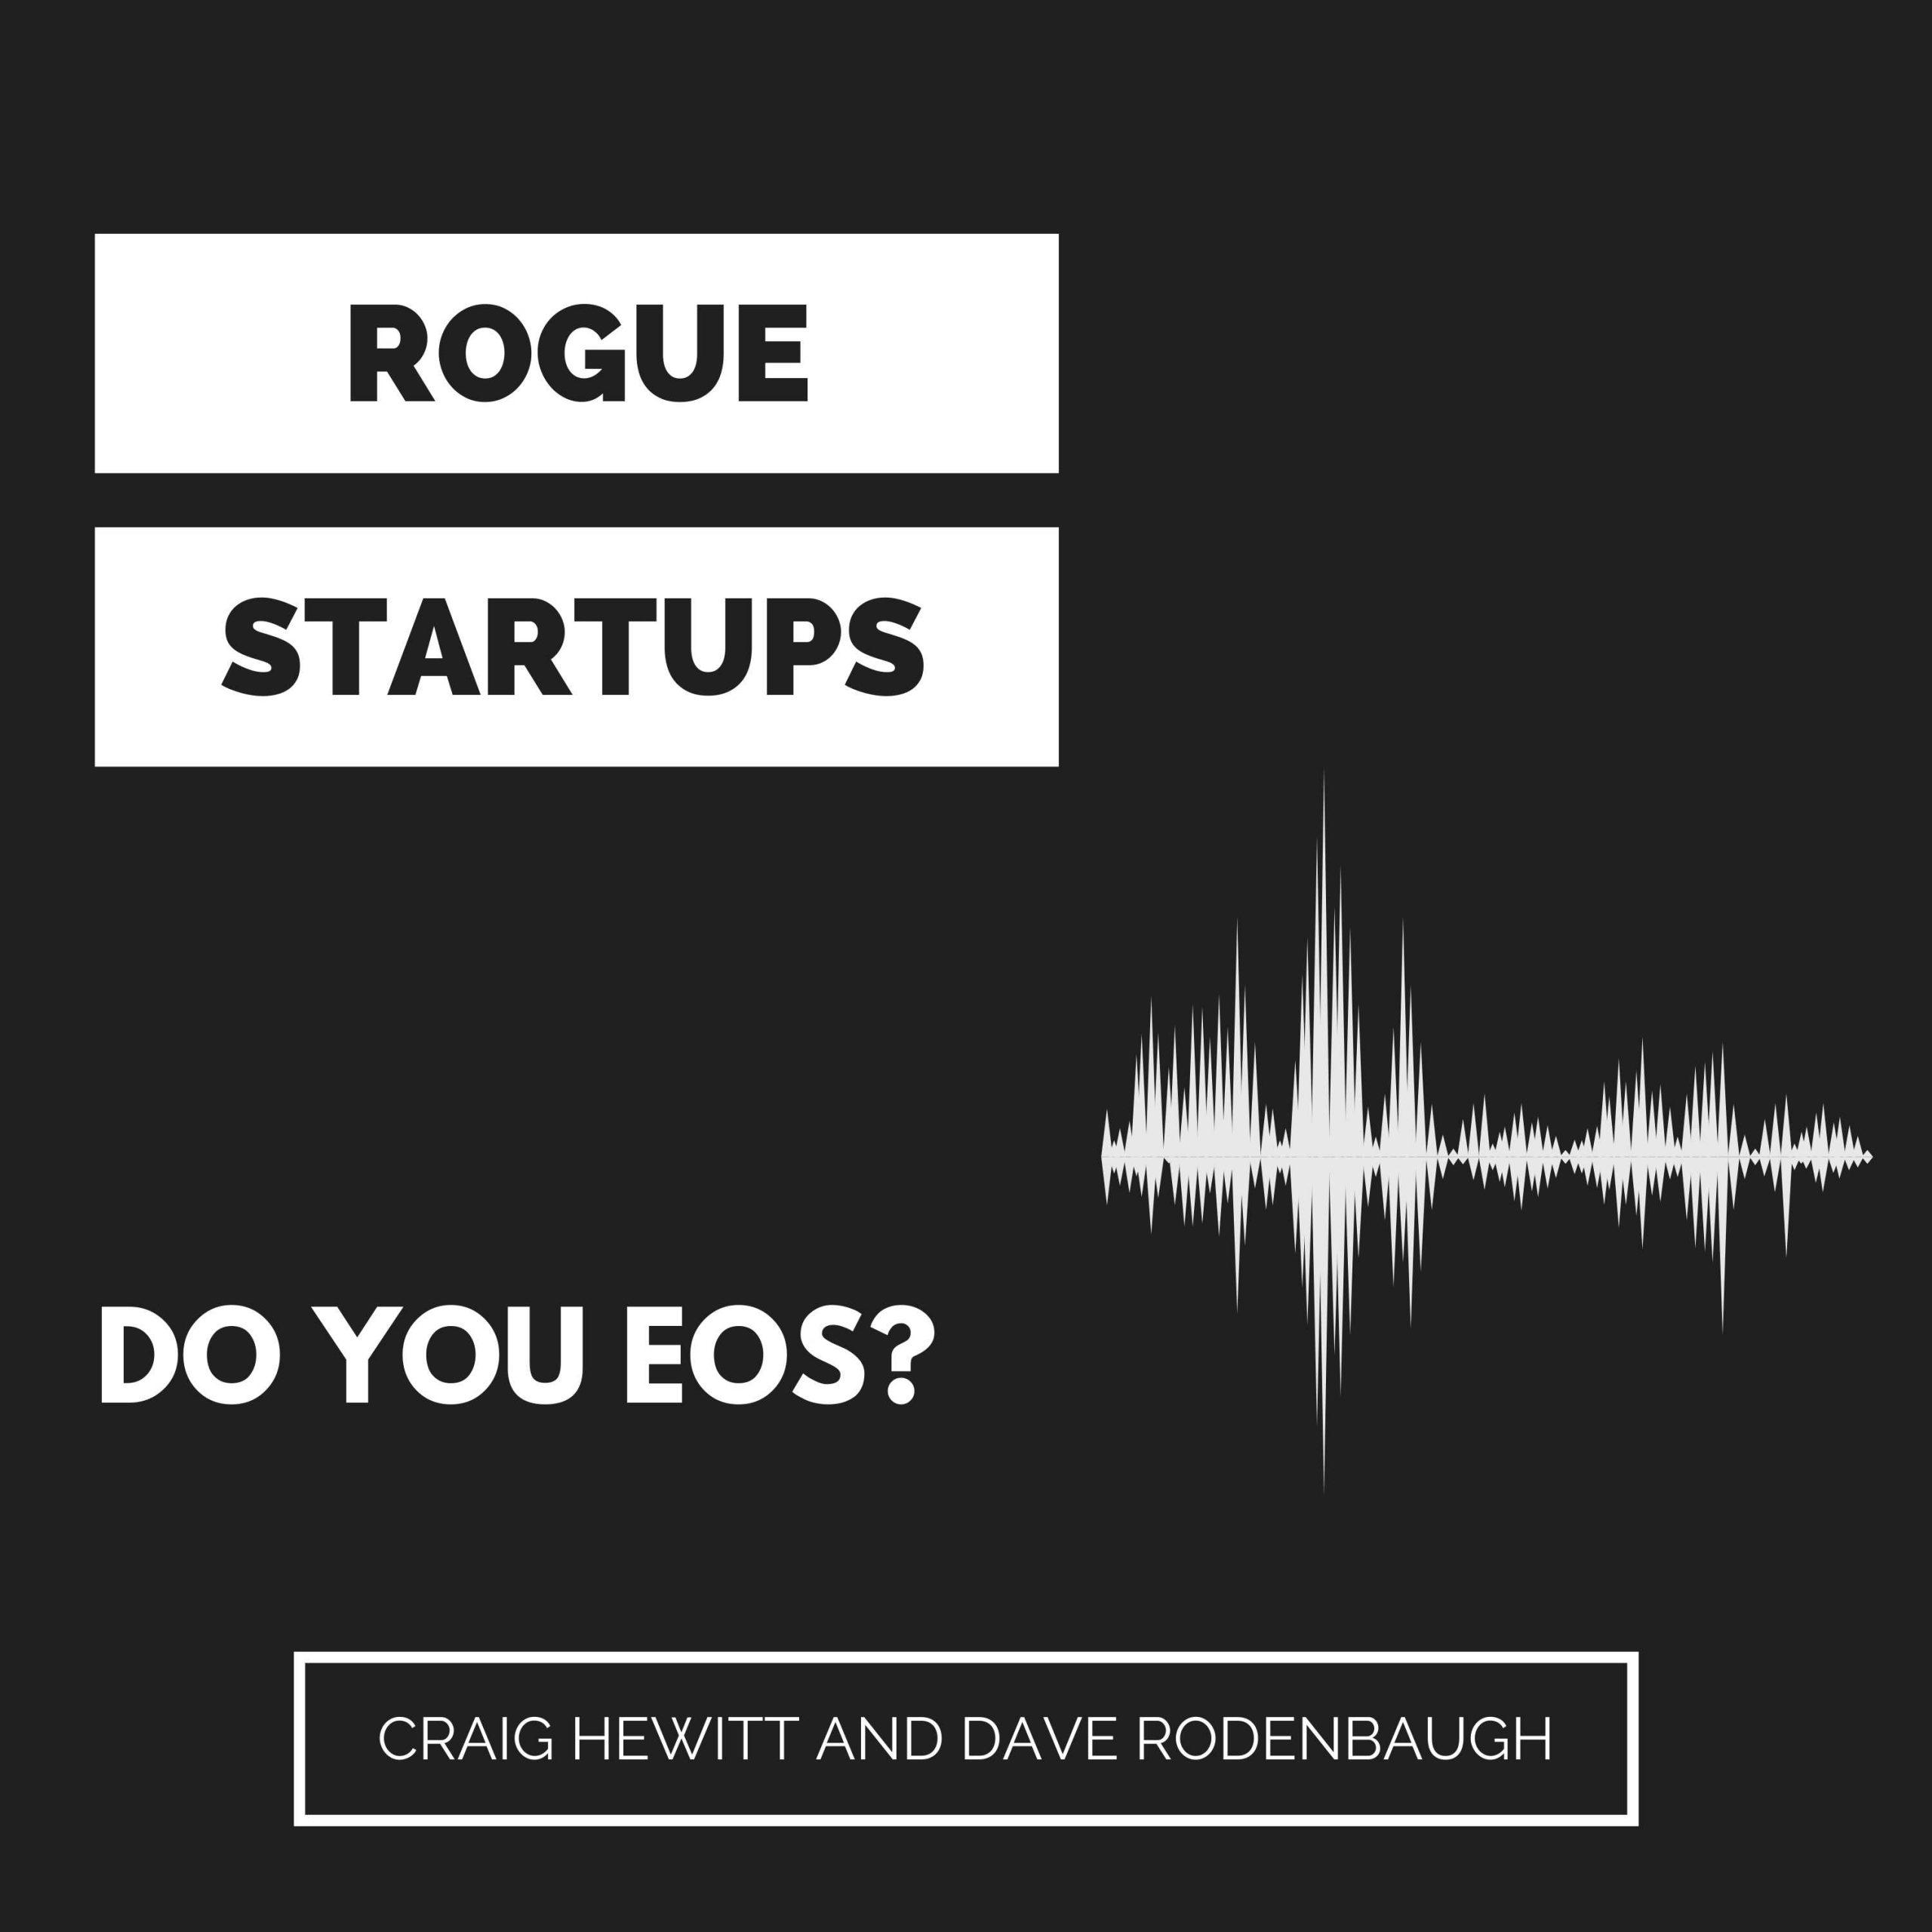 RS230: Do you EOS?